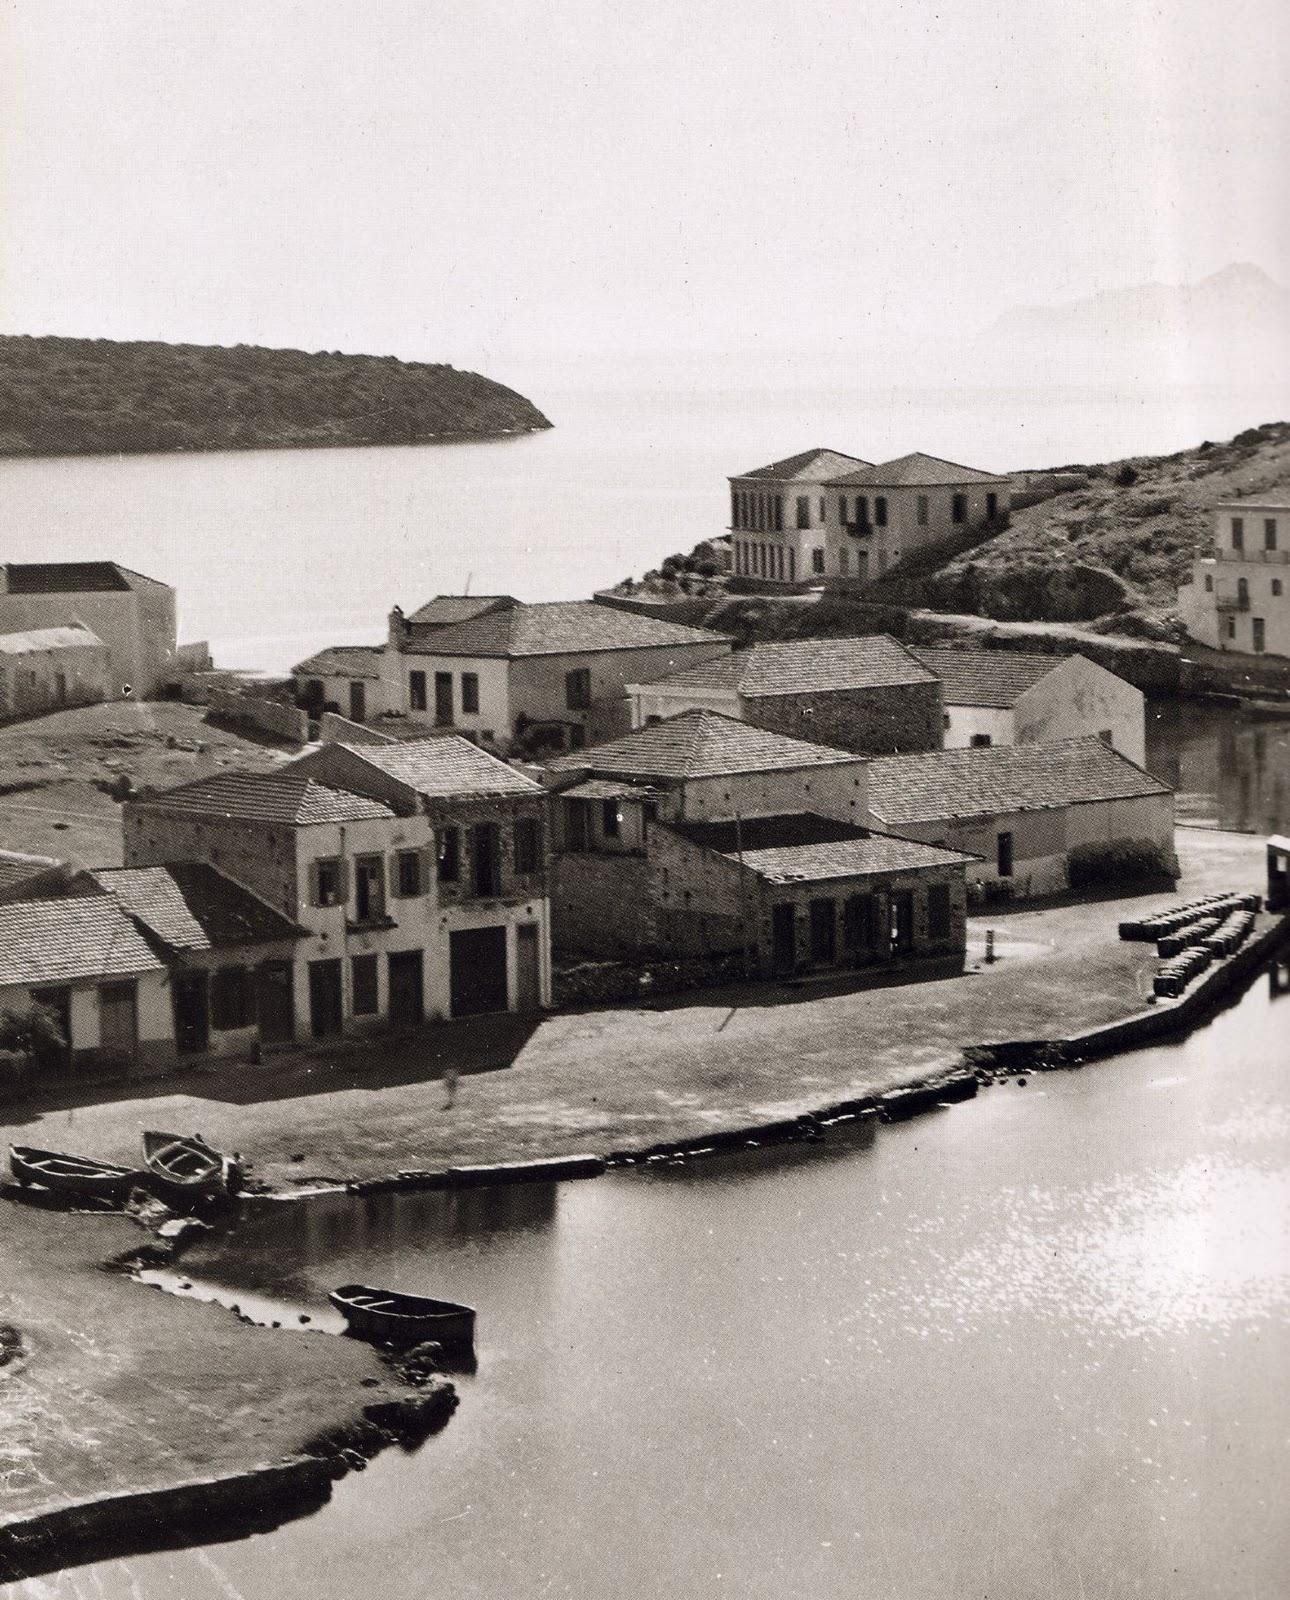 Αγιος Νικόλαος - 1920